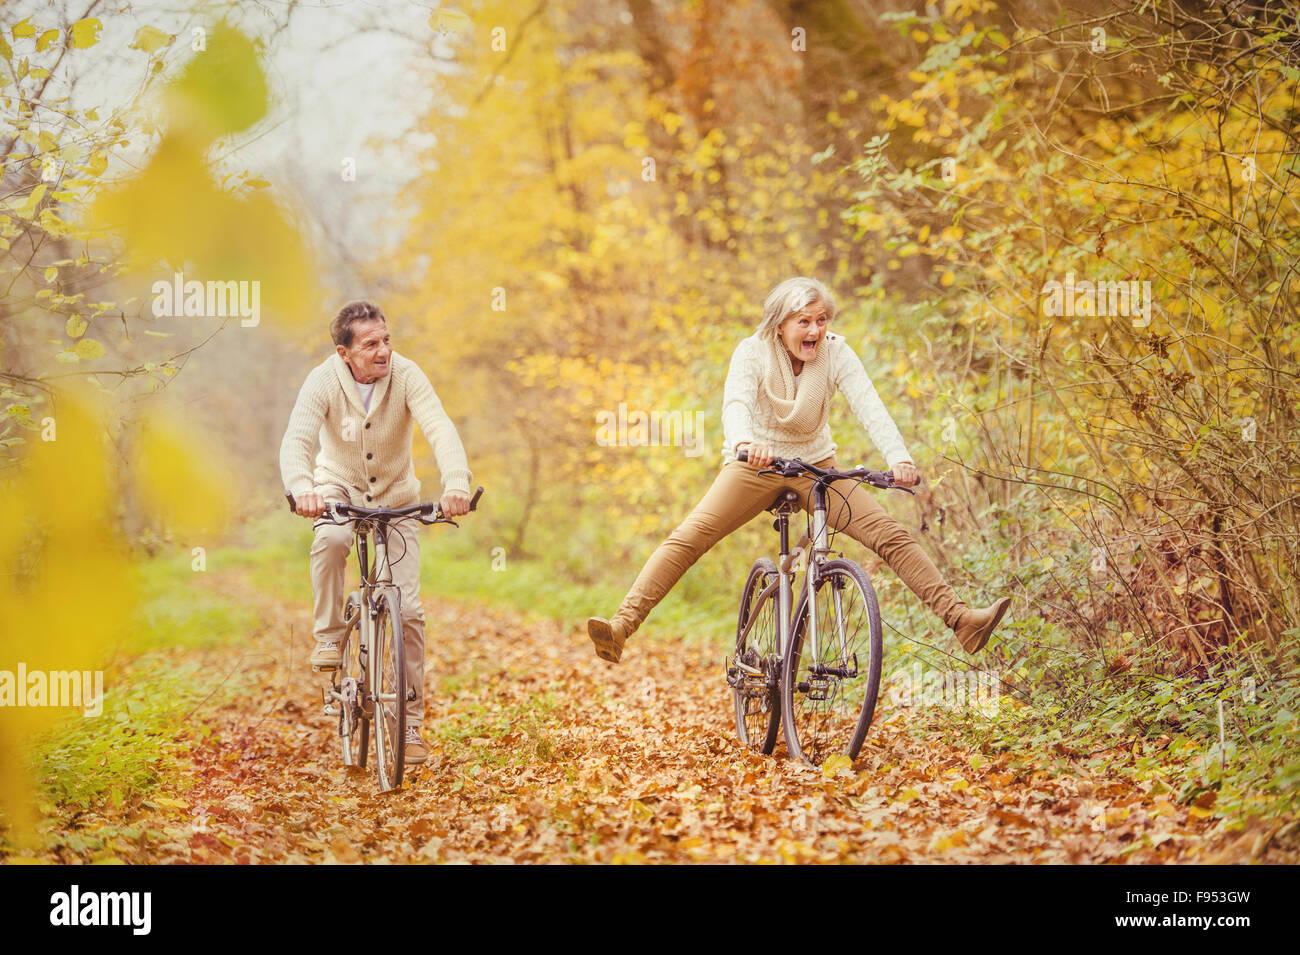 Aktive Senioren mit Fahrrad in der herbstlichen Natur. Sie haben Spaß im Freien. Stockbild